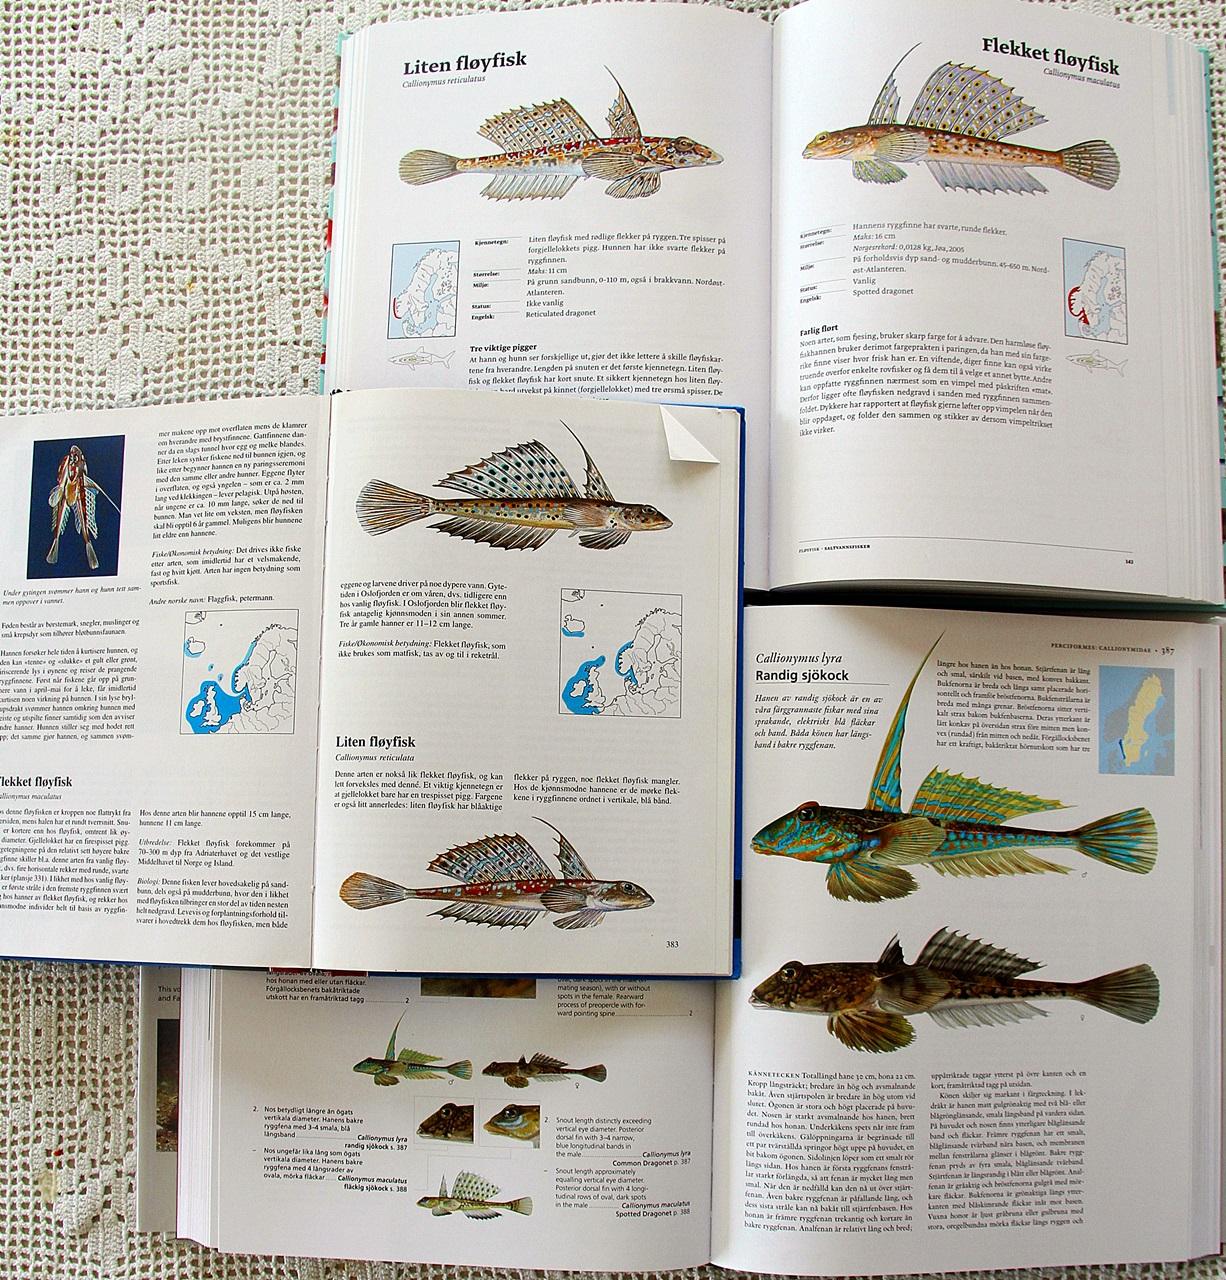 ganske lite info om den lille fløyfisken (spesielt hunnen)